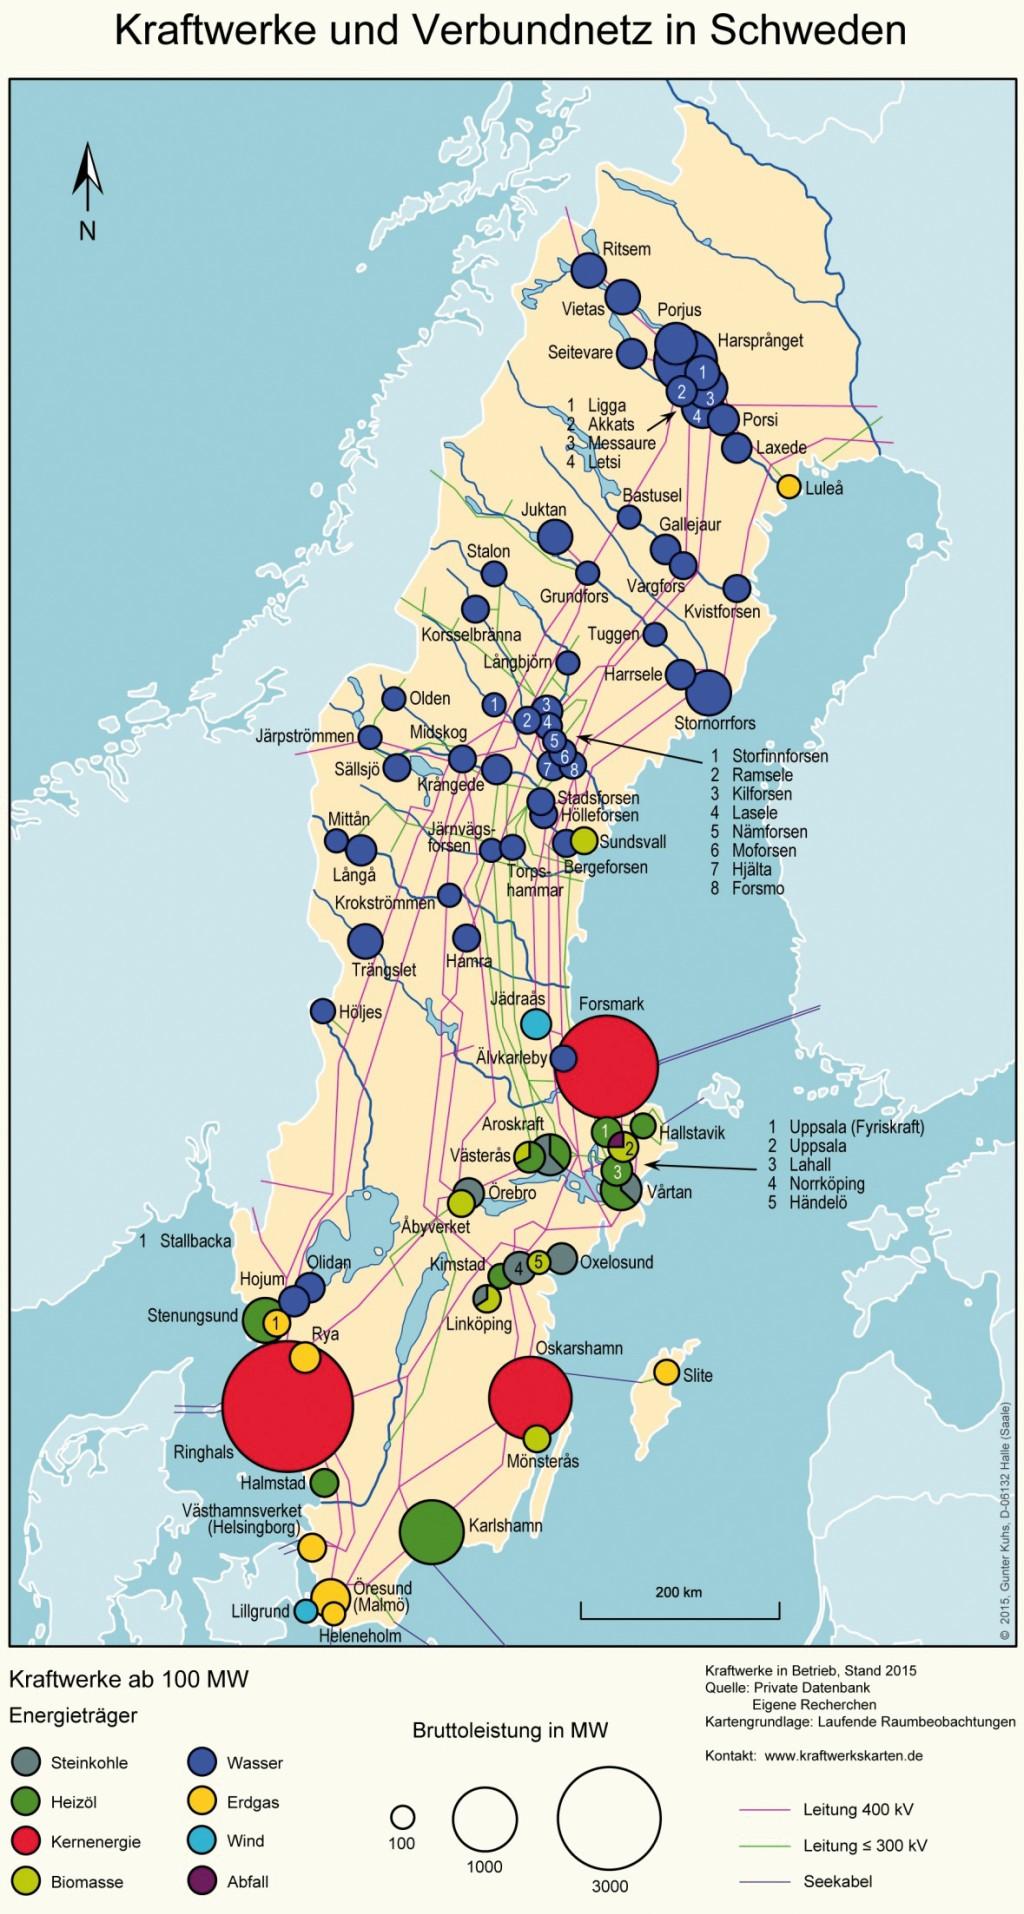 Bild 26 Kraftwerke und Verbundnetz in Schweden. Bild: eigene Darstellung